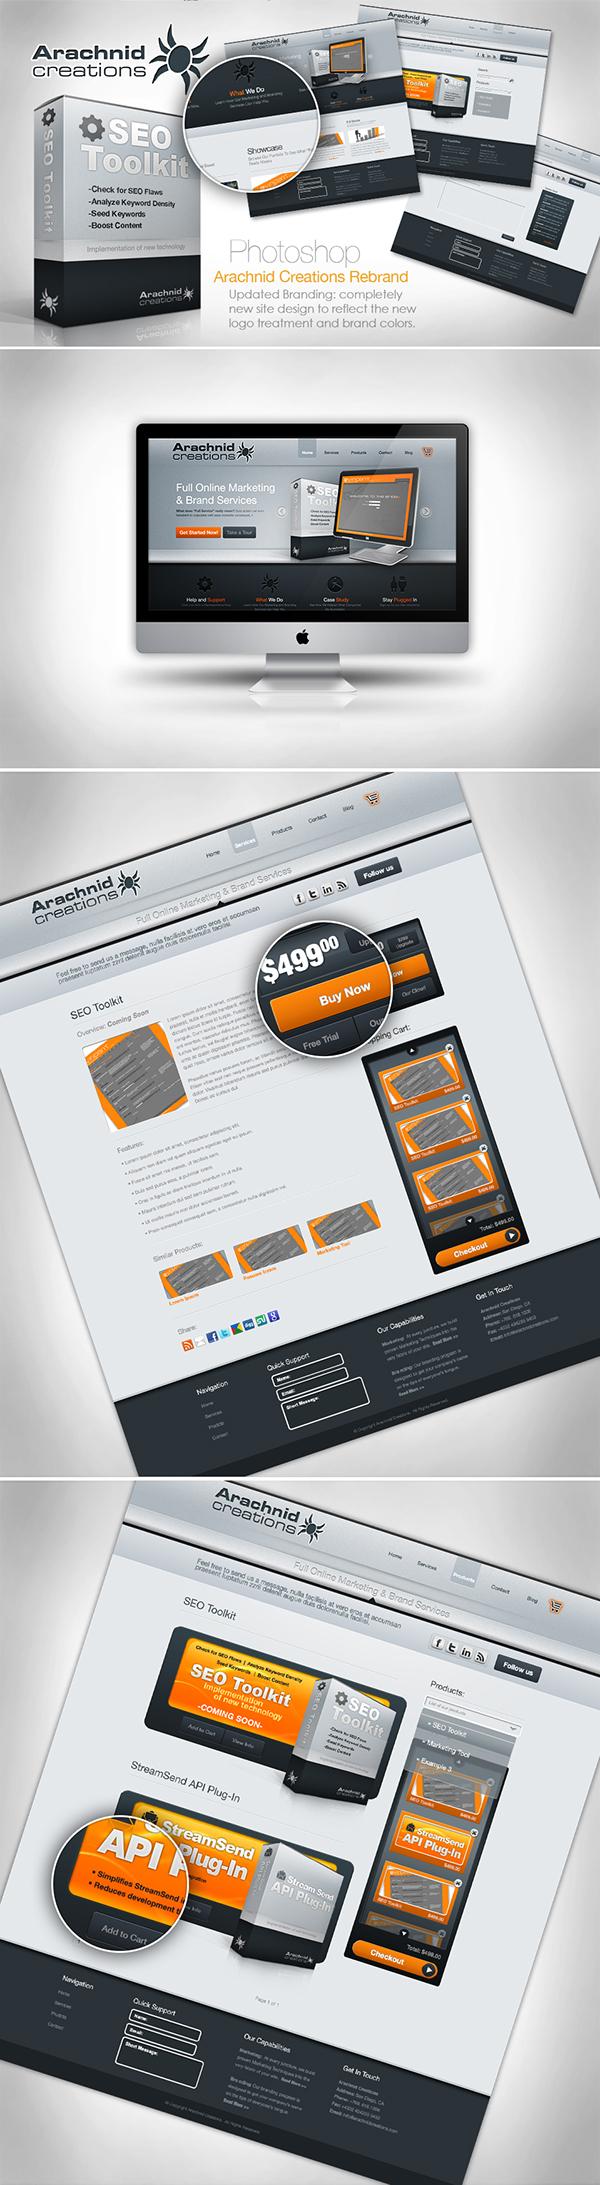 UI  UX  graphic design Project Management